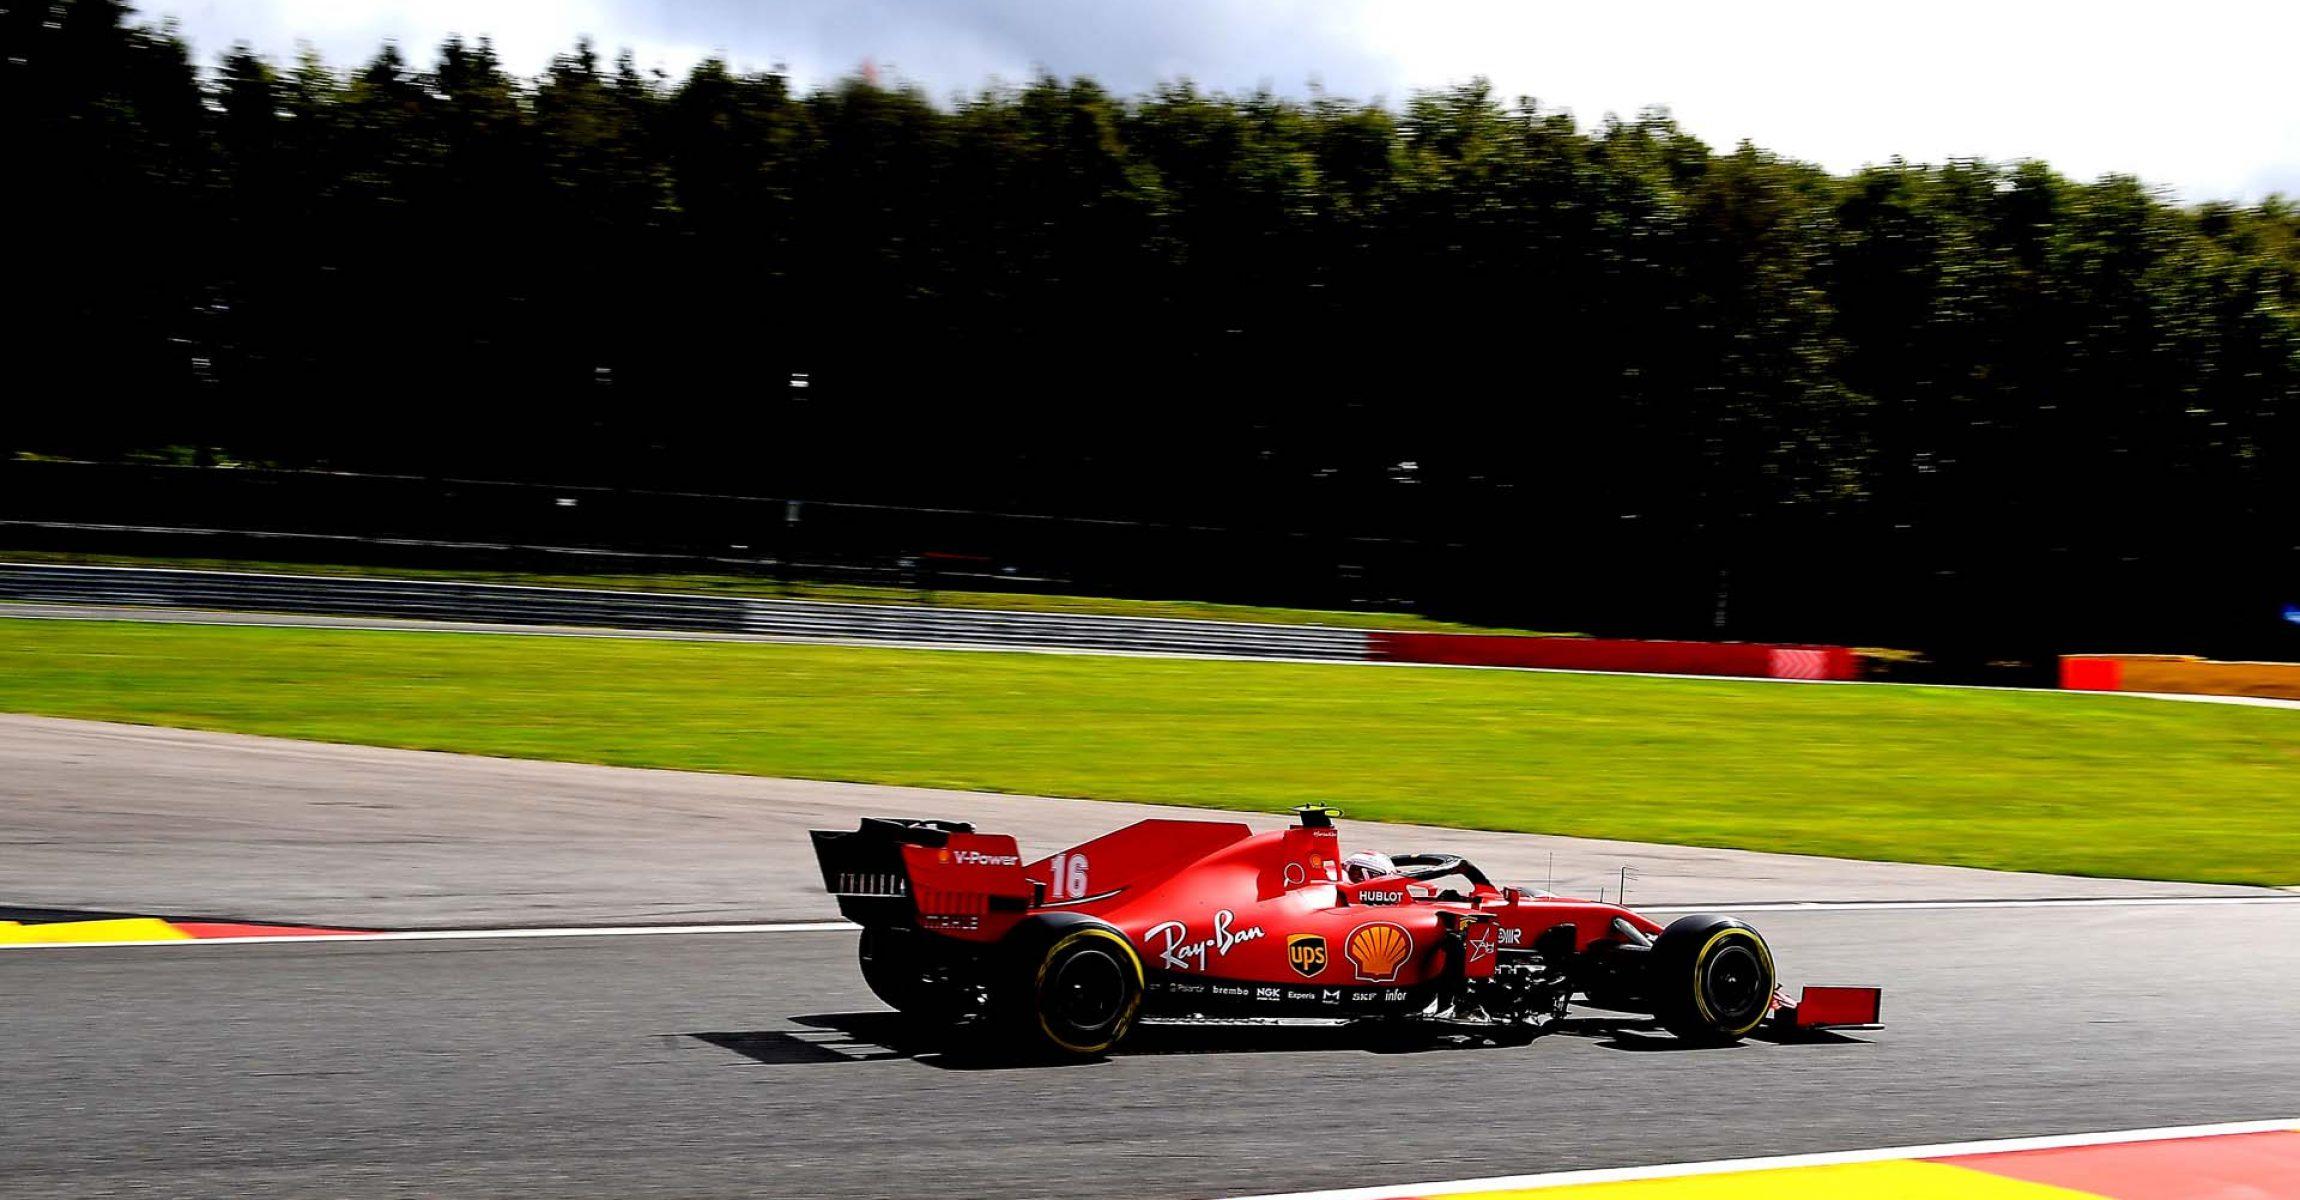 GP BELGIO F1/2020 -  SABATO 29/08/2020    credit: @Scuderia Ferrari Press Office Charles Leclerc